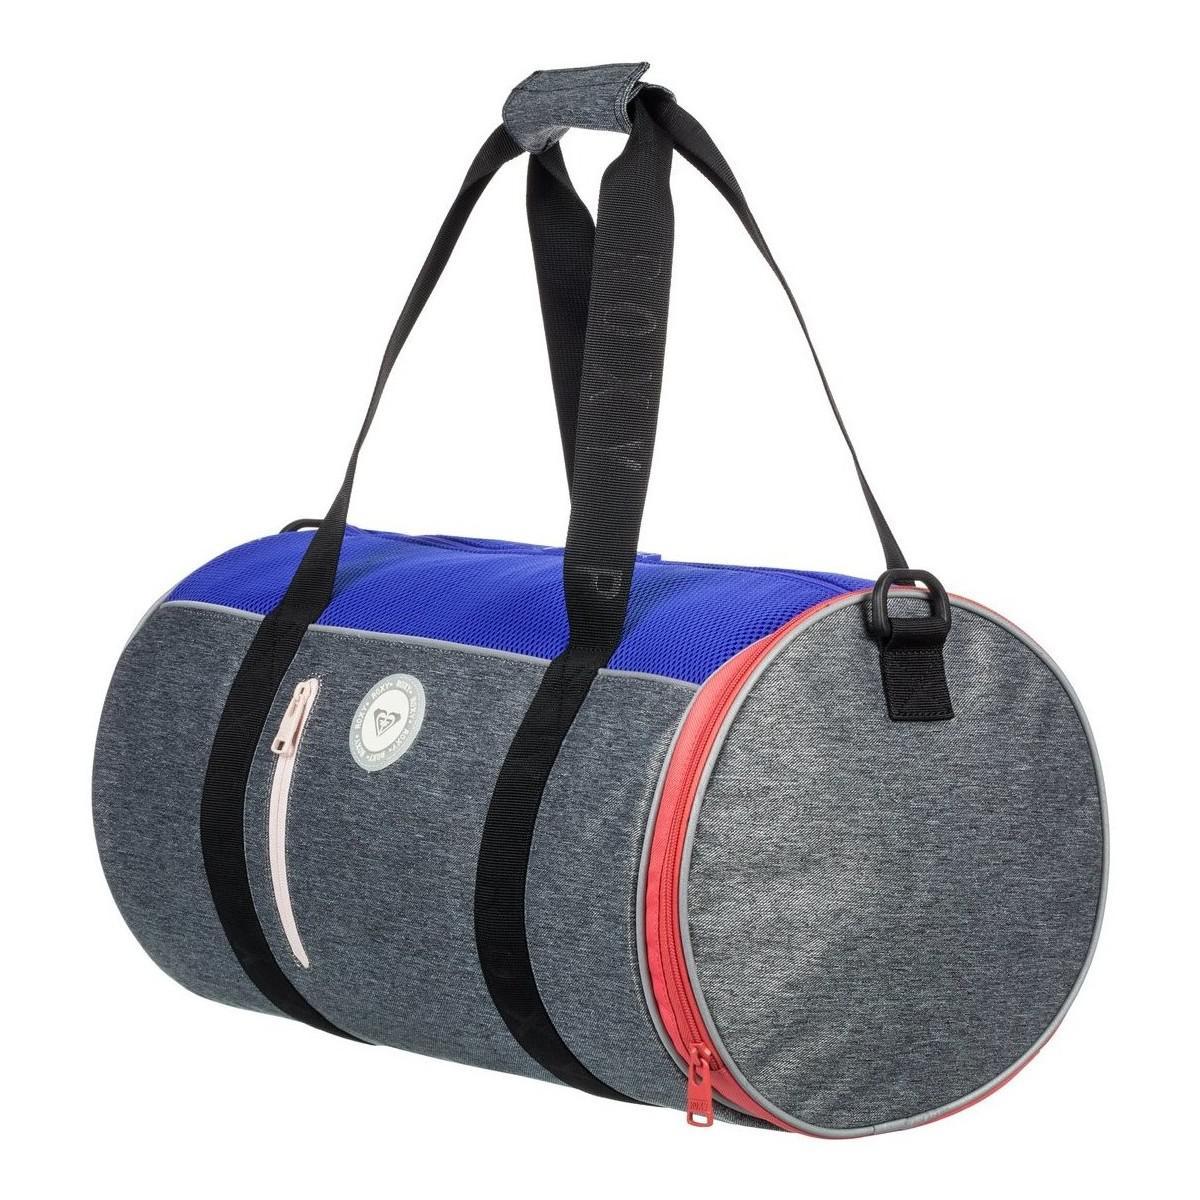 ... De Deporte El Ribon - Bolsa Deportiva Grande Women s Sports Bag In.  View fullscreen 158040a4c3d5c